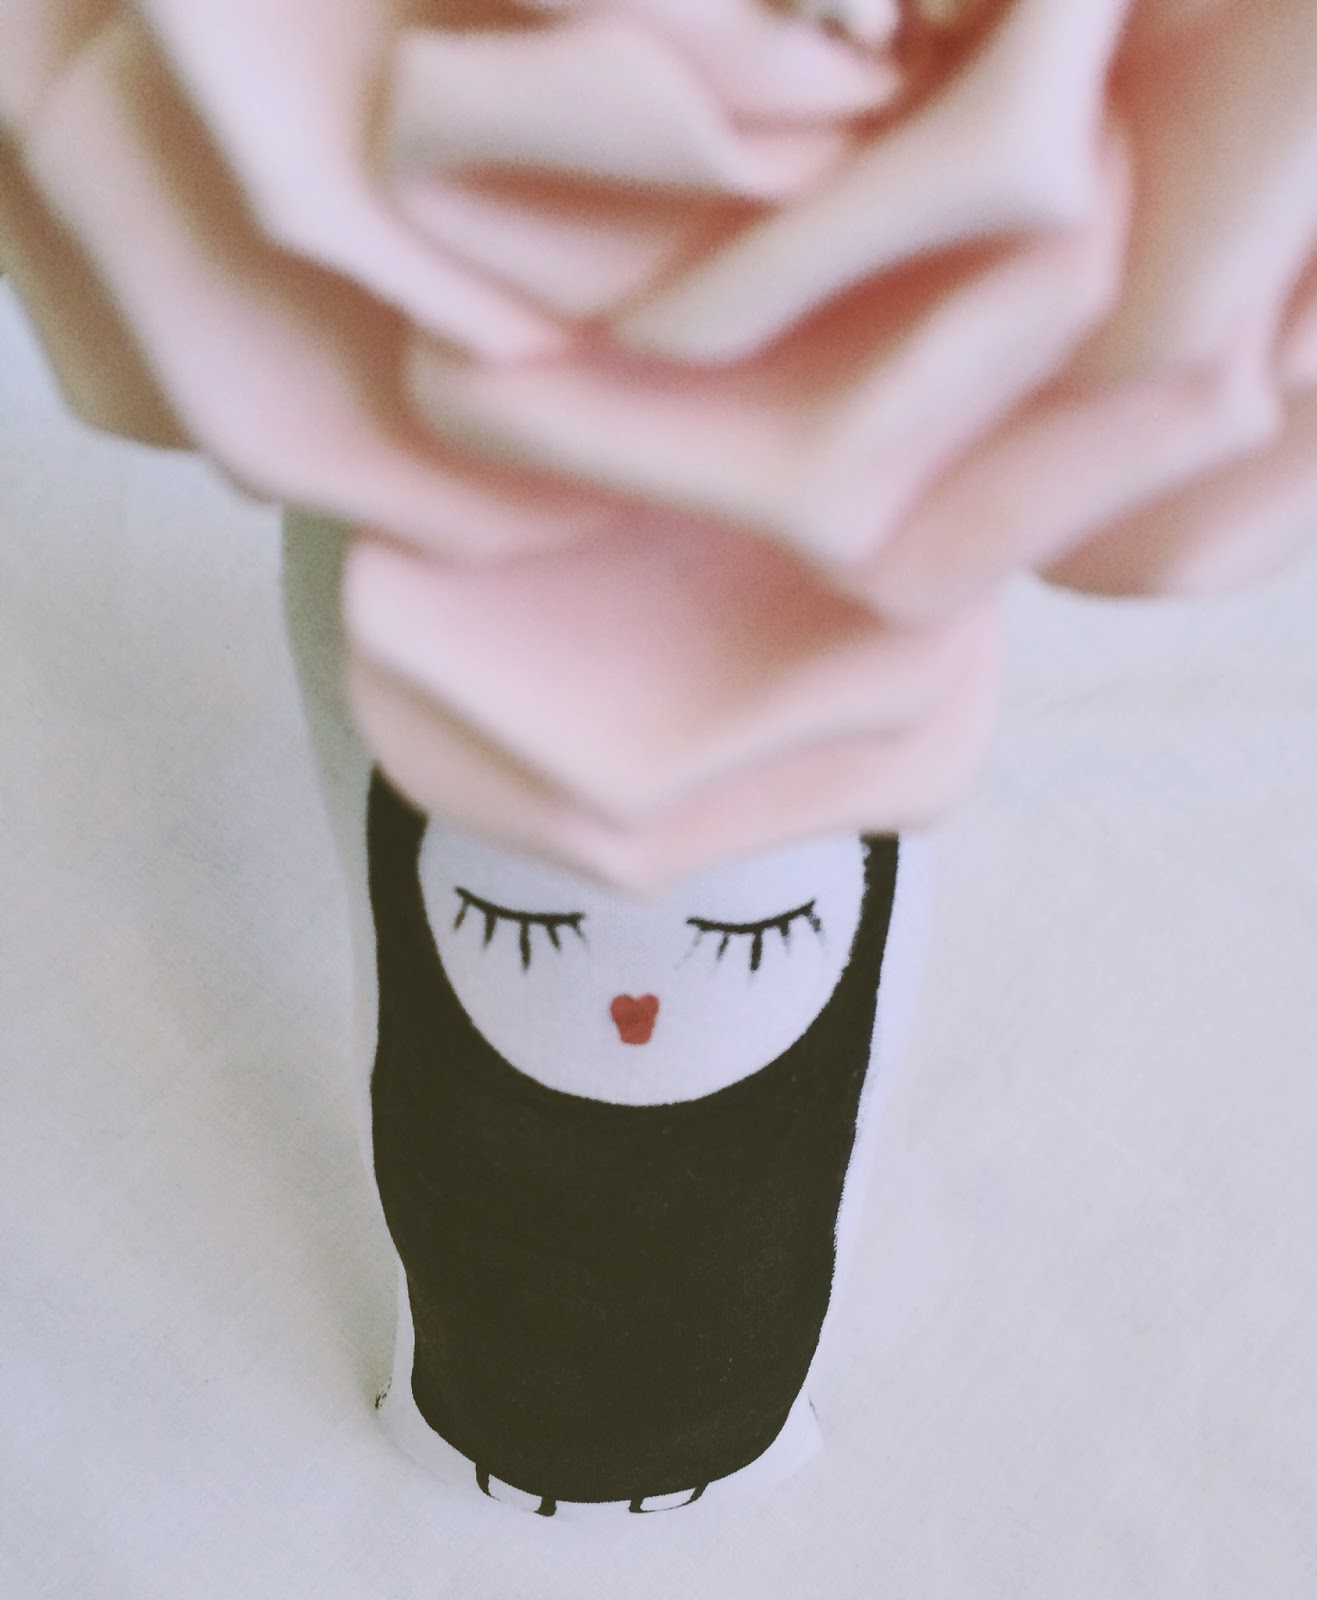 http://lovehijab.tictail.com/products/hijabi-dolls